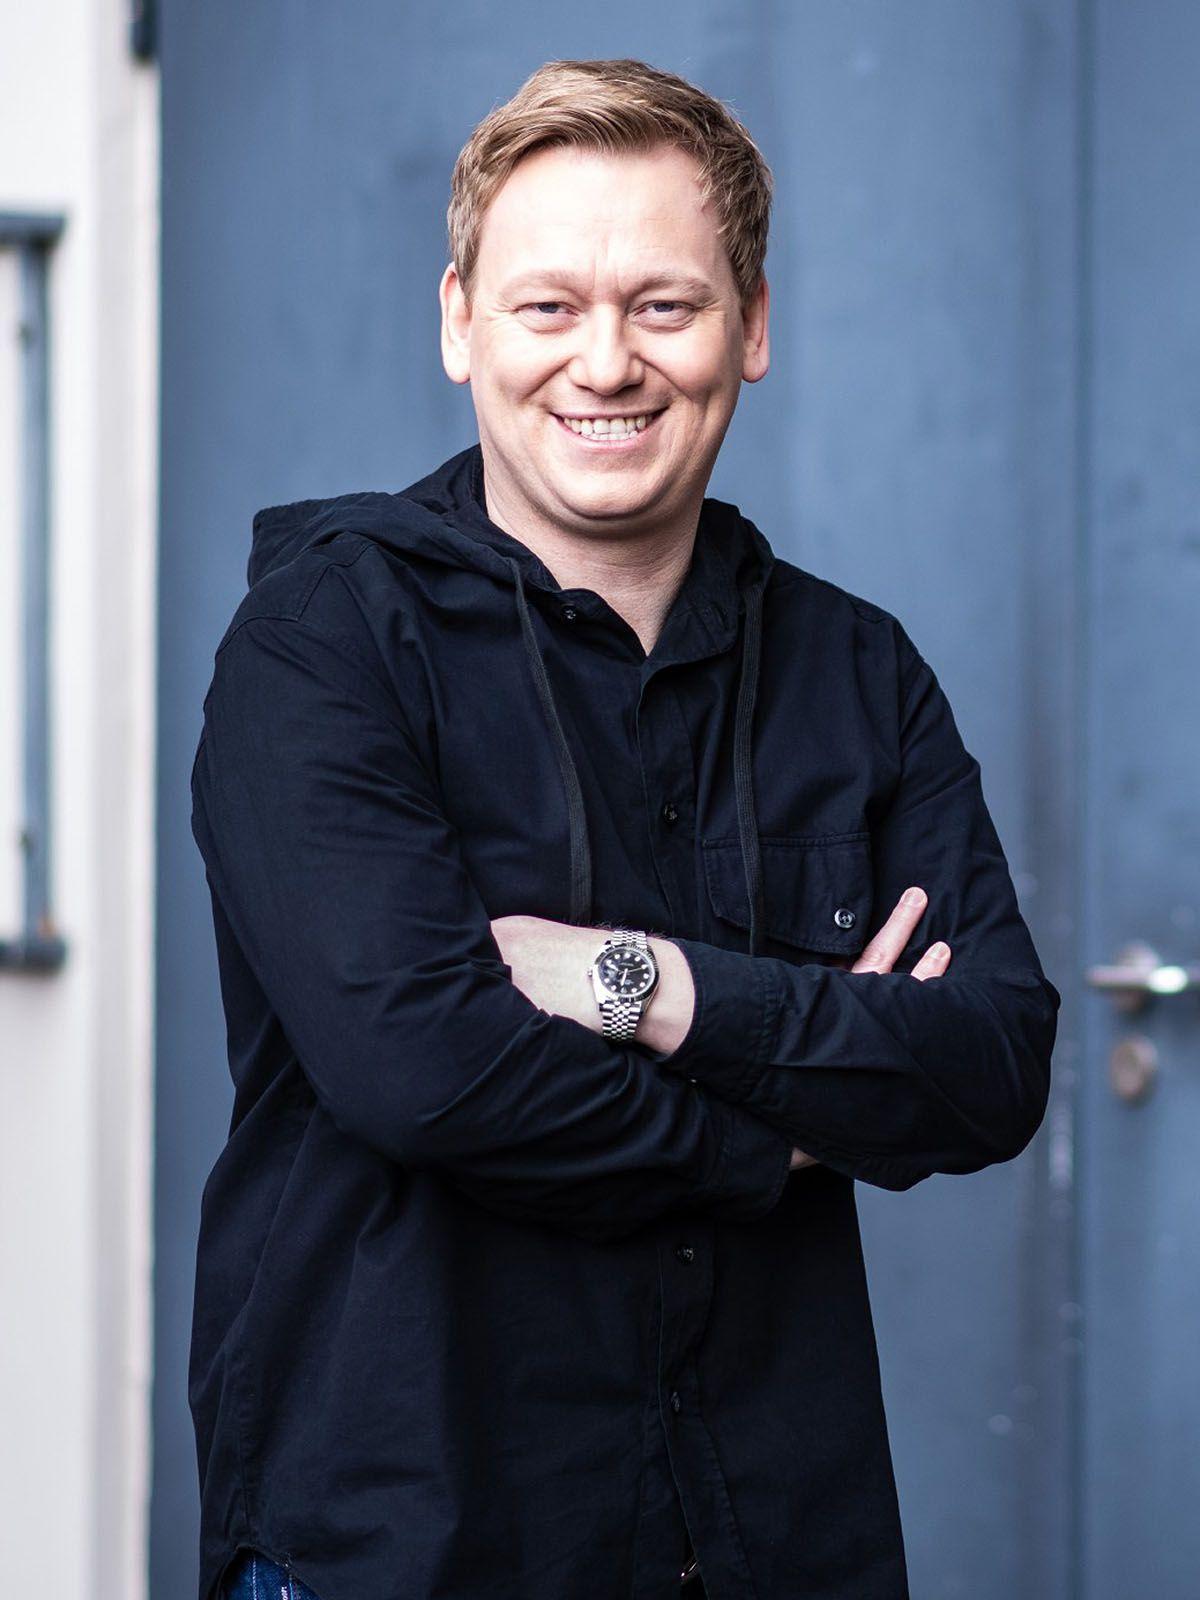 """Knossi: Tolle Live-Premiere von """"Täglich frisch geröstet""""!"""